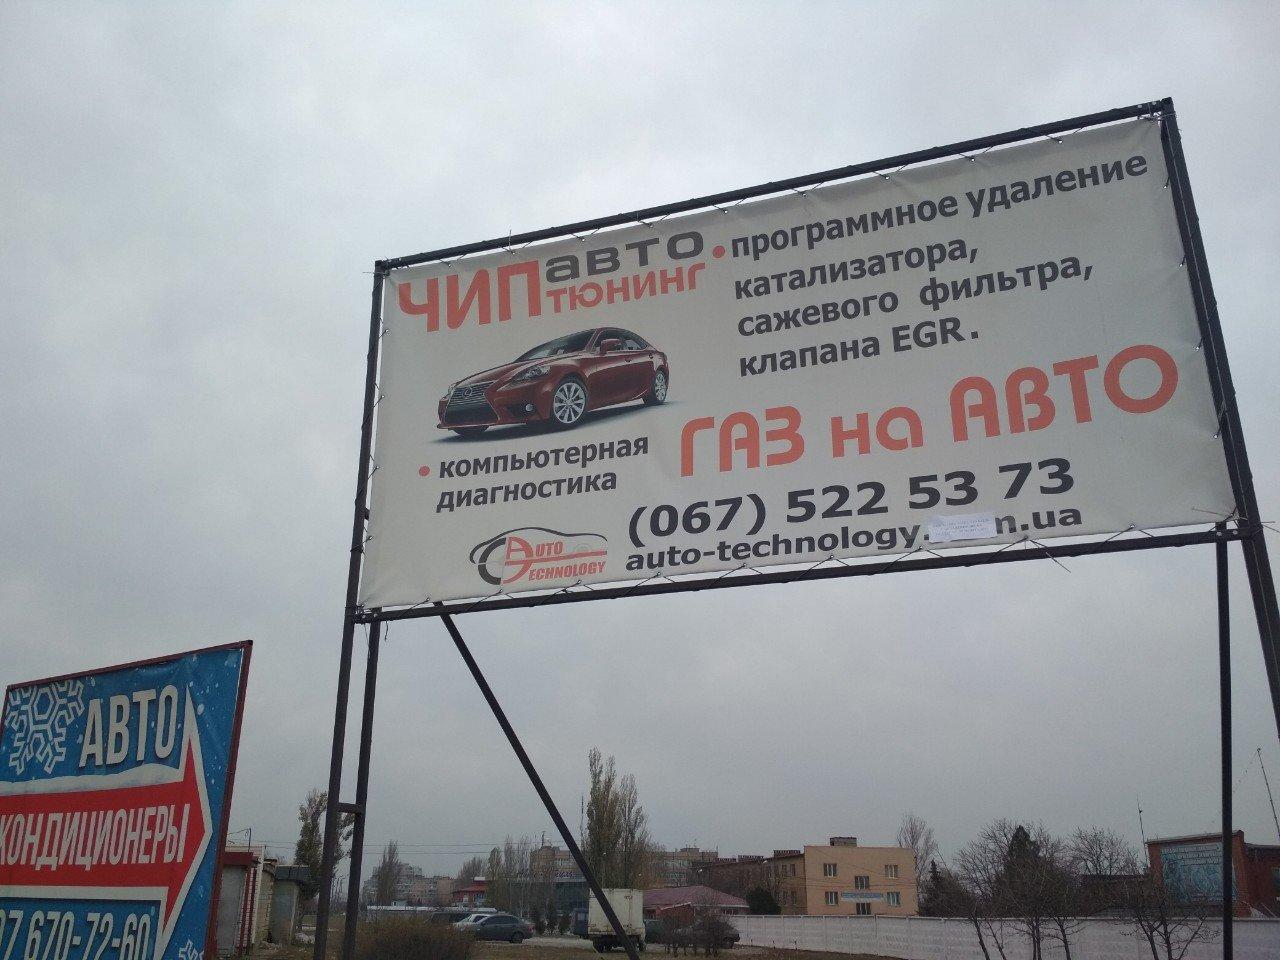 Криворожским предпринимателям дали несколько дней на демонтаж незаконной рекламы, - ФОТО , фото-19